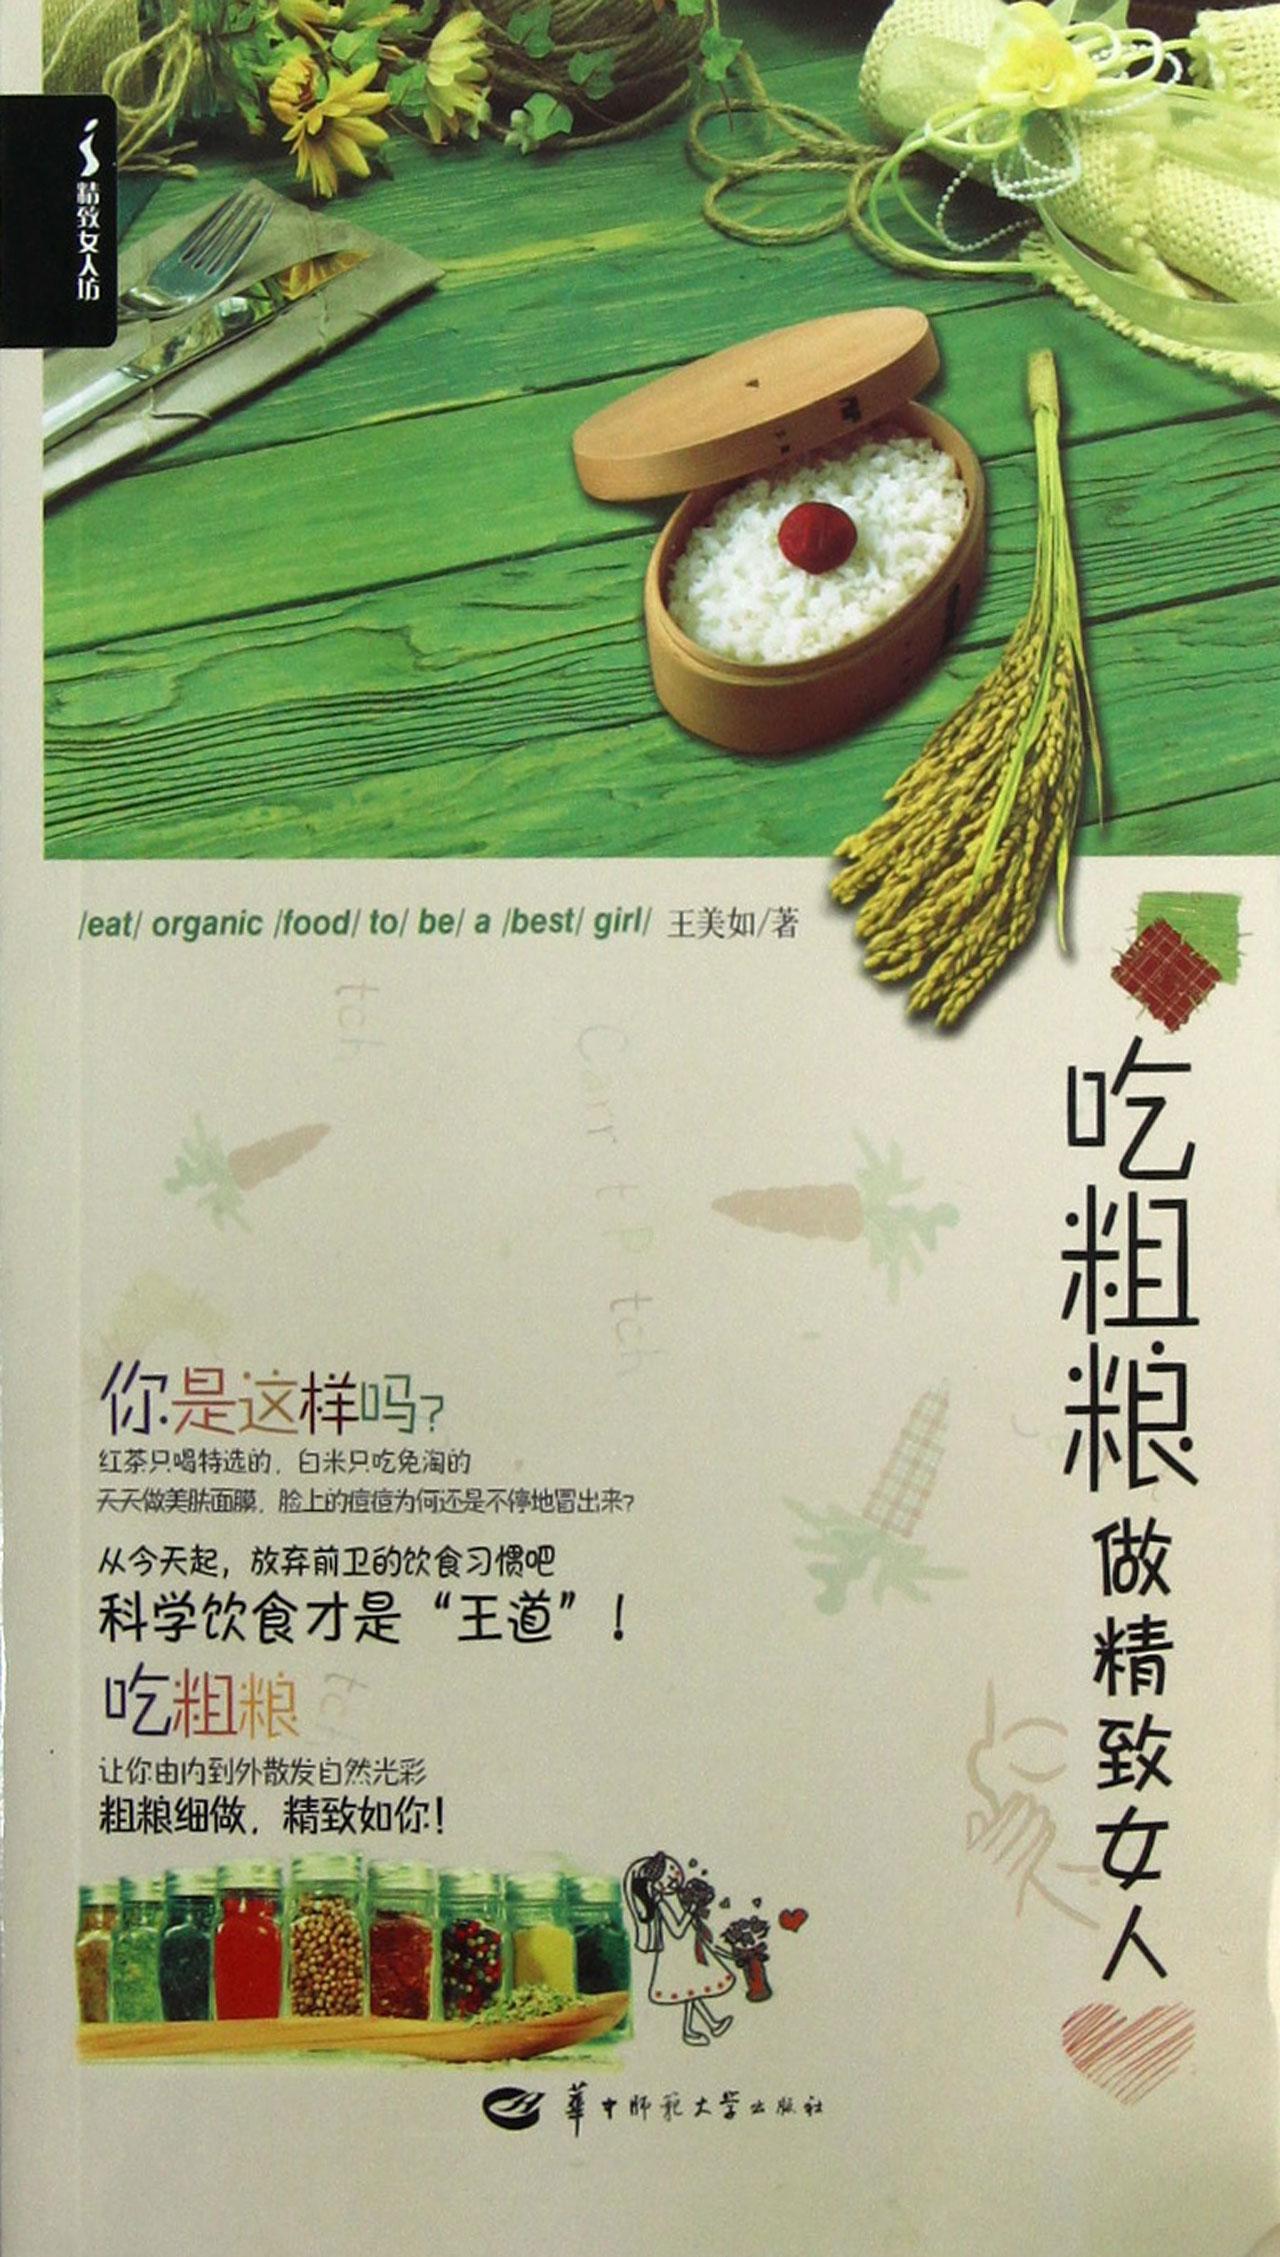 苦荞相关书籍推荐-《吃粗粮.做精致女人》吃点粗粮更健康